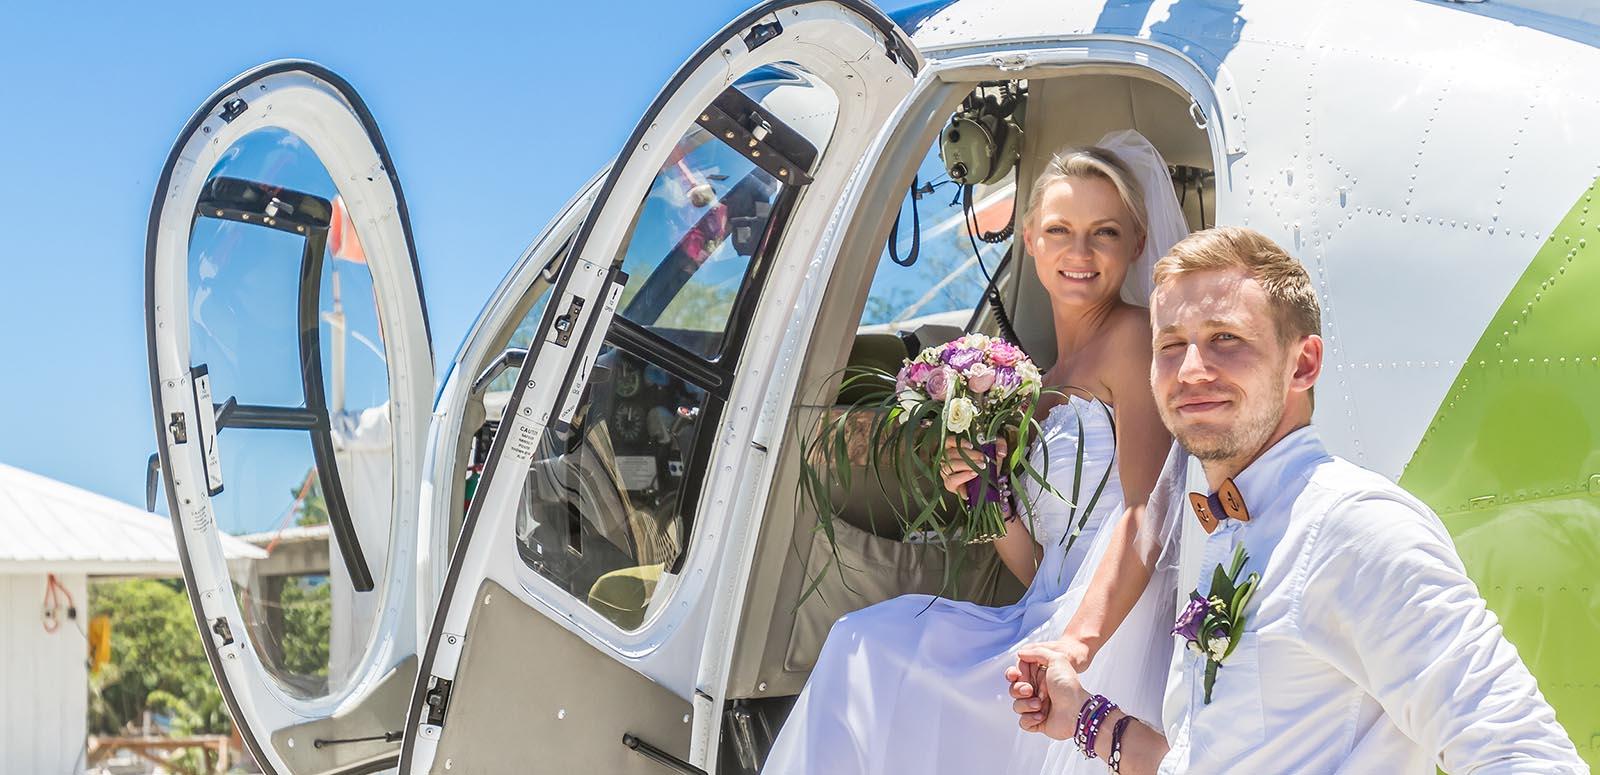 Vi tar er med i helikopter i Göteborg